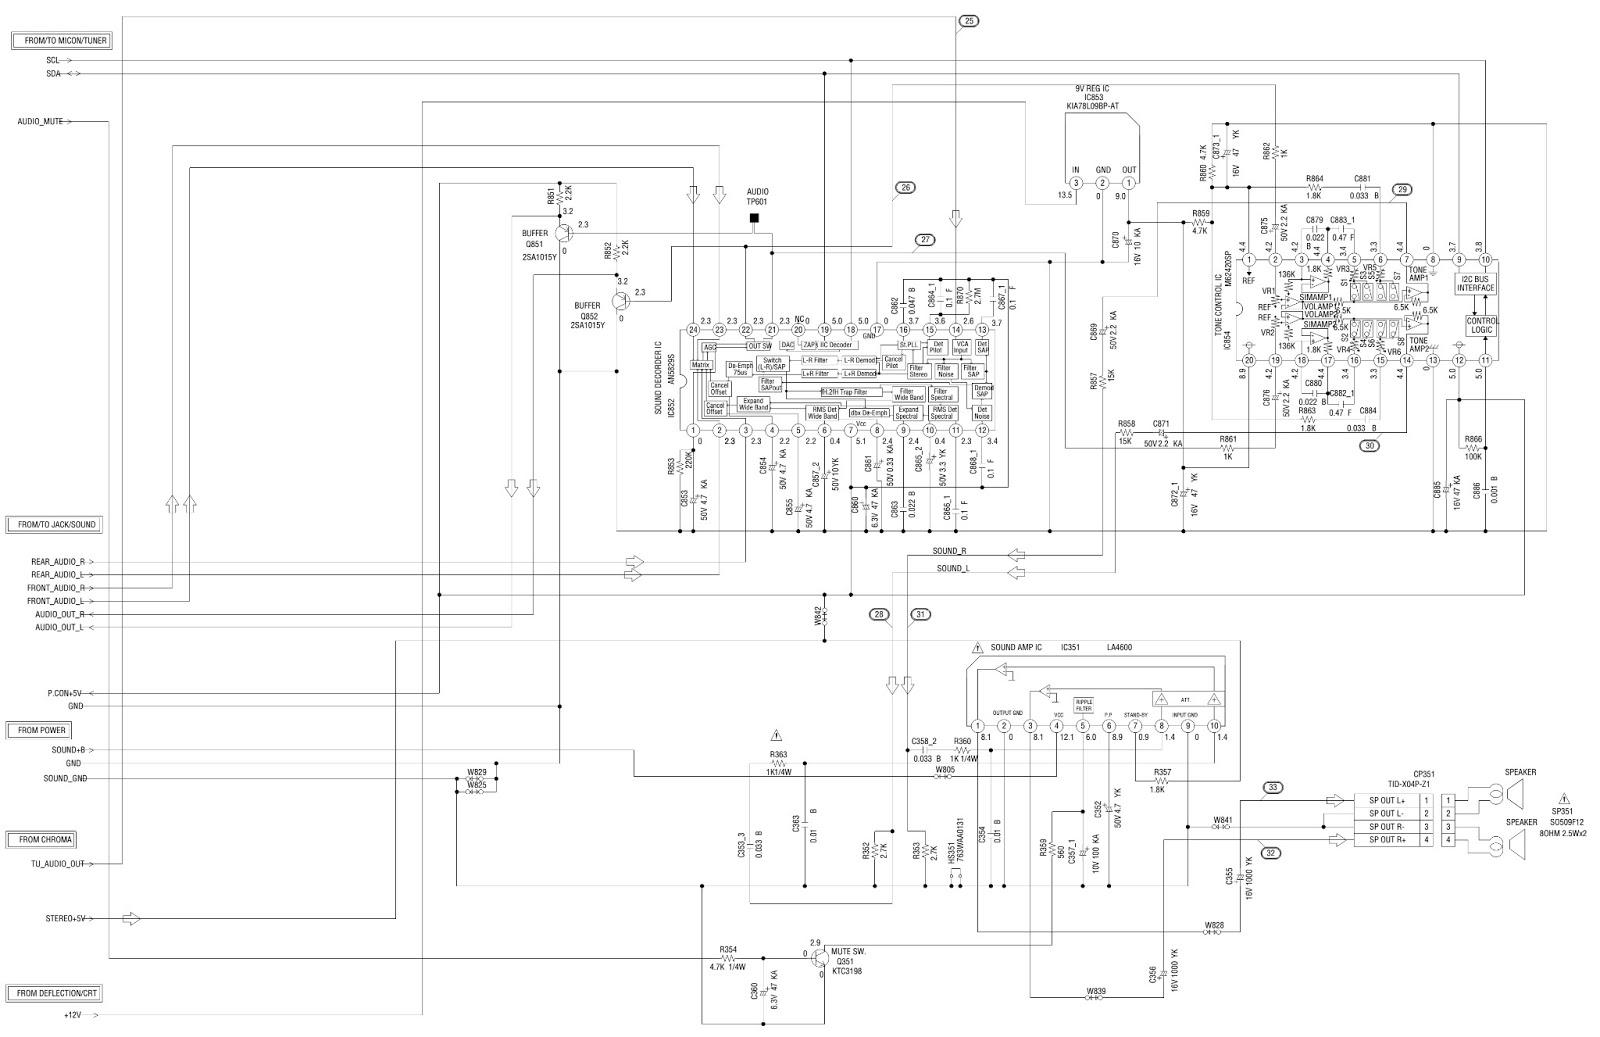 2001 ezgo pds 36v wiring diagram m audio speaker wiring diagram auto electrical wiring diagram  m audio speaker wiring diagram auto